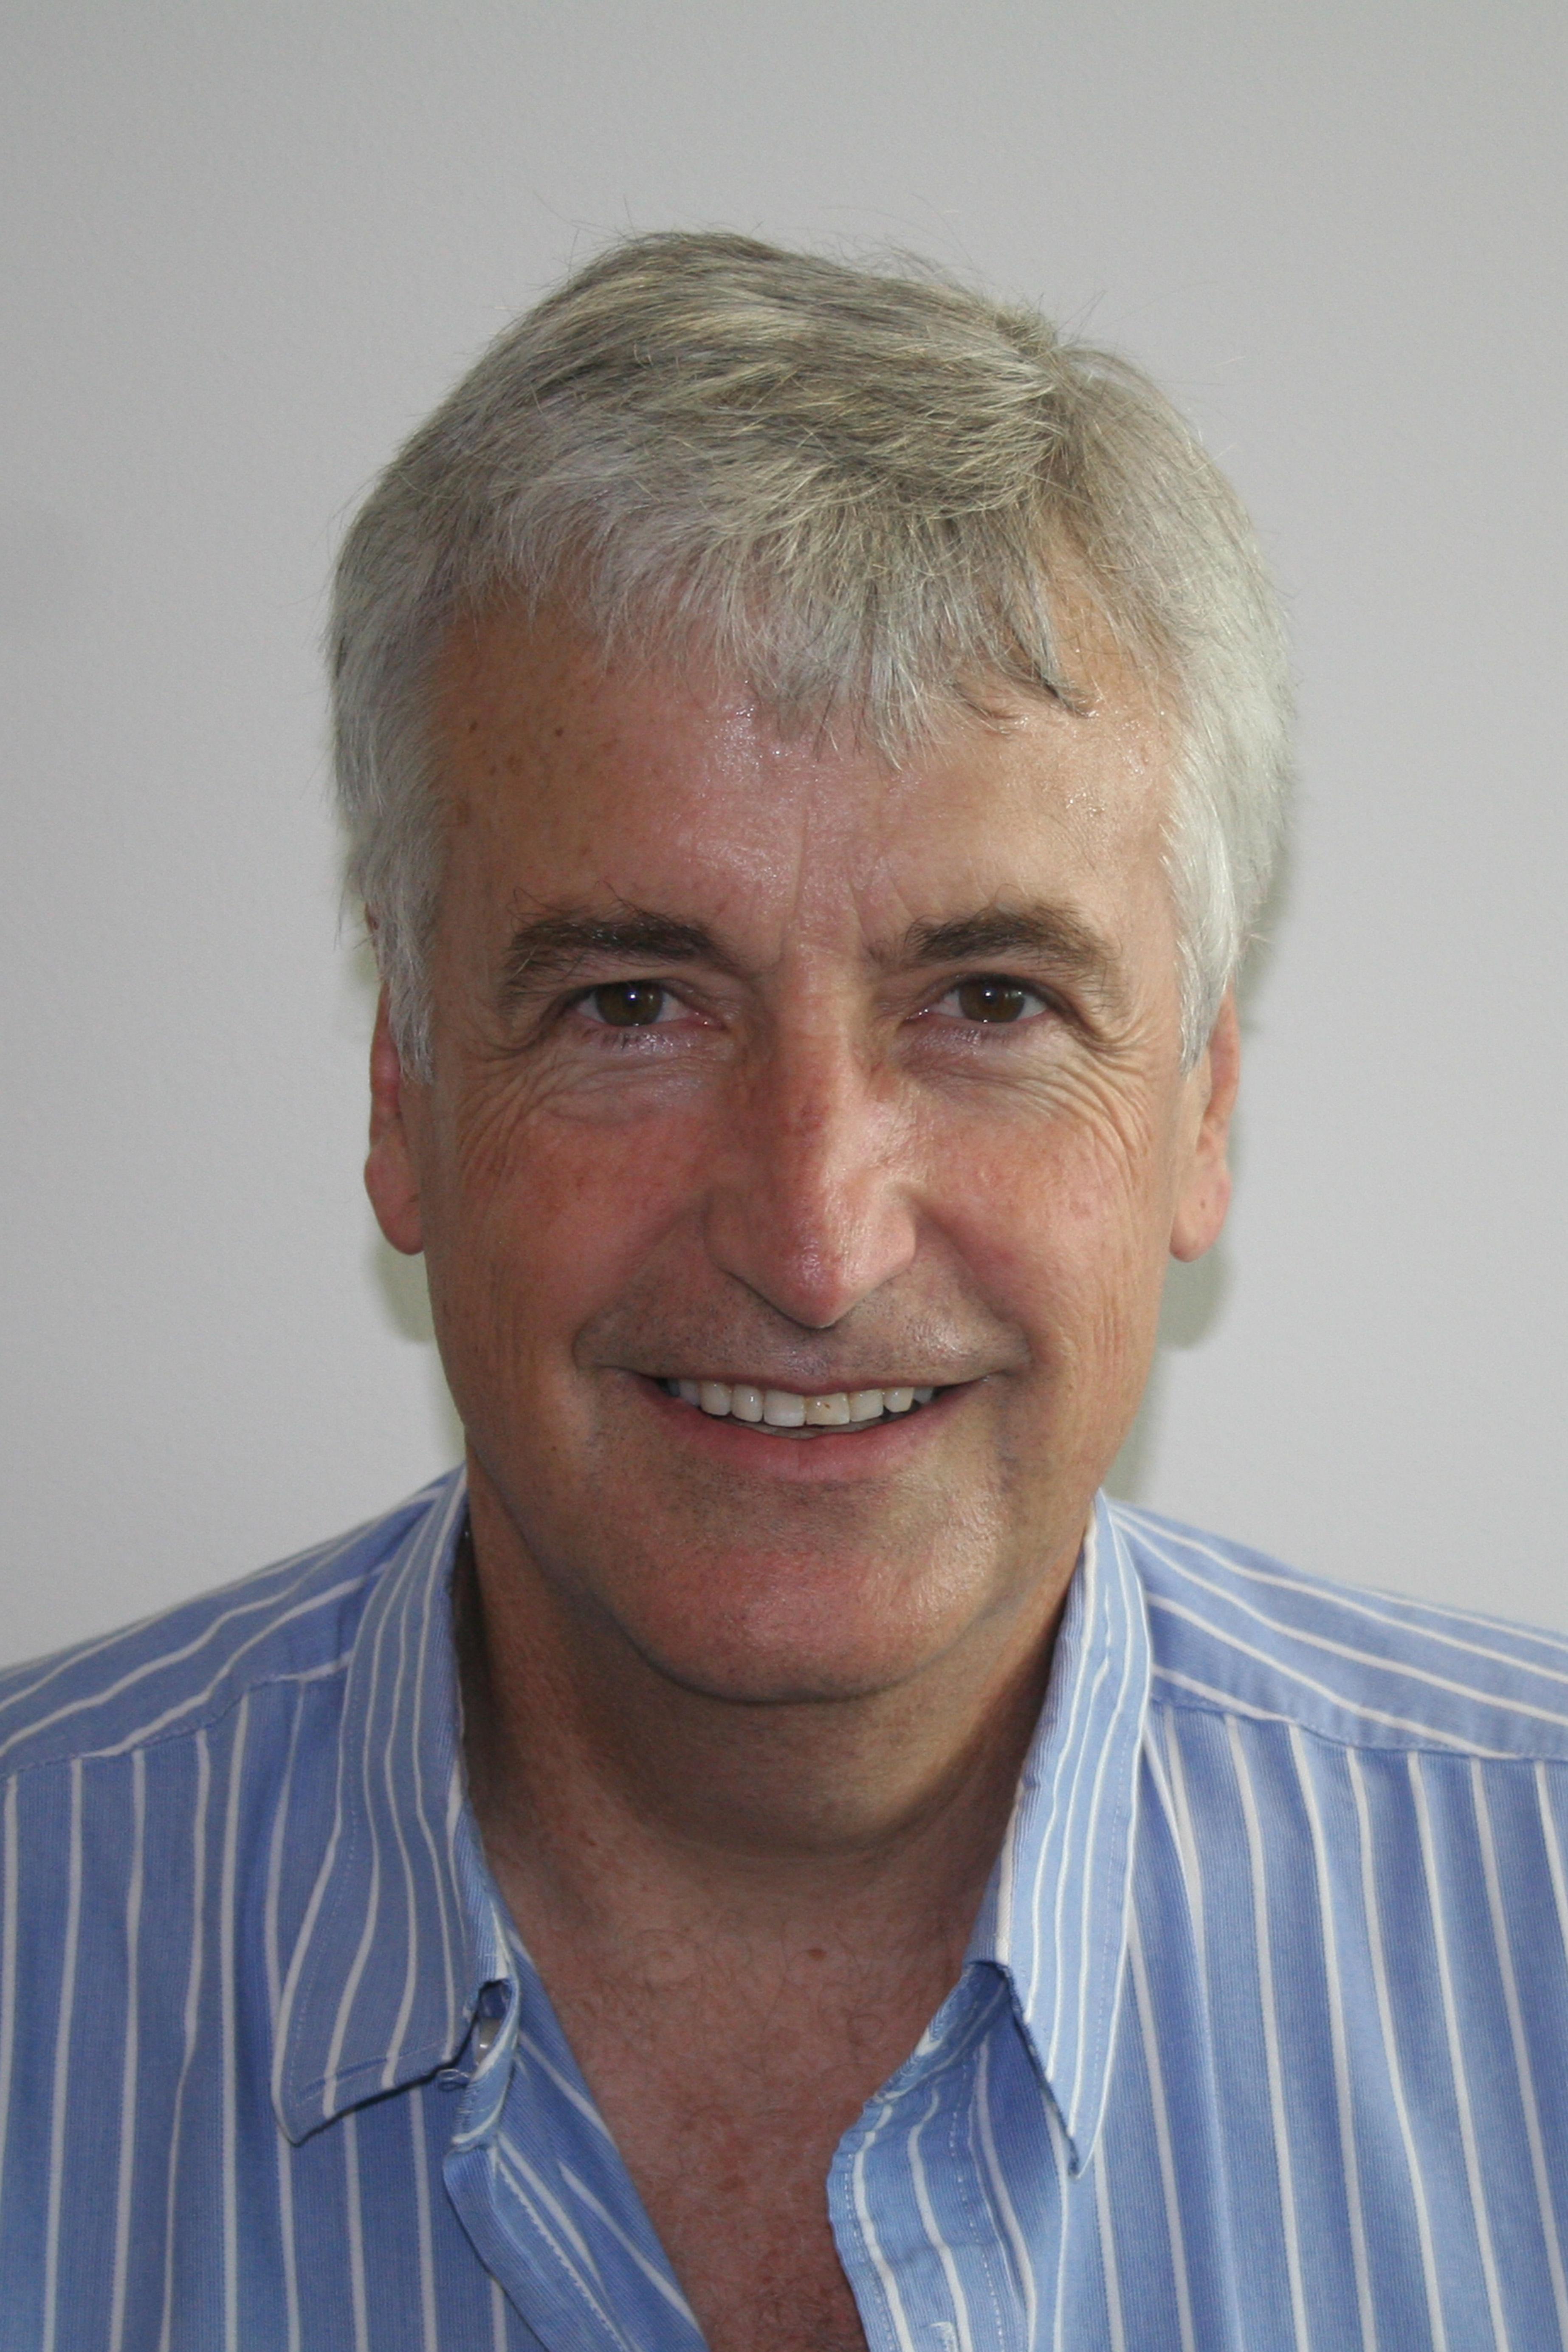 Dudley Levieux